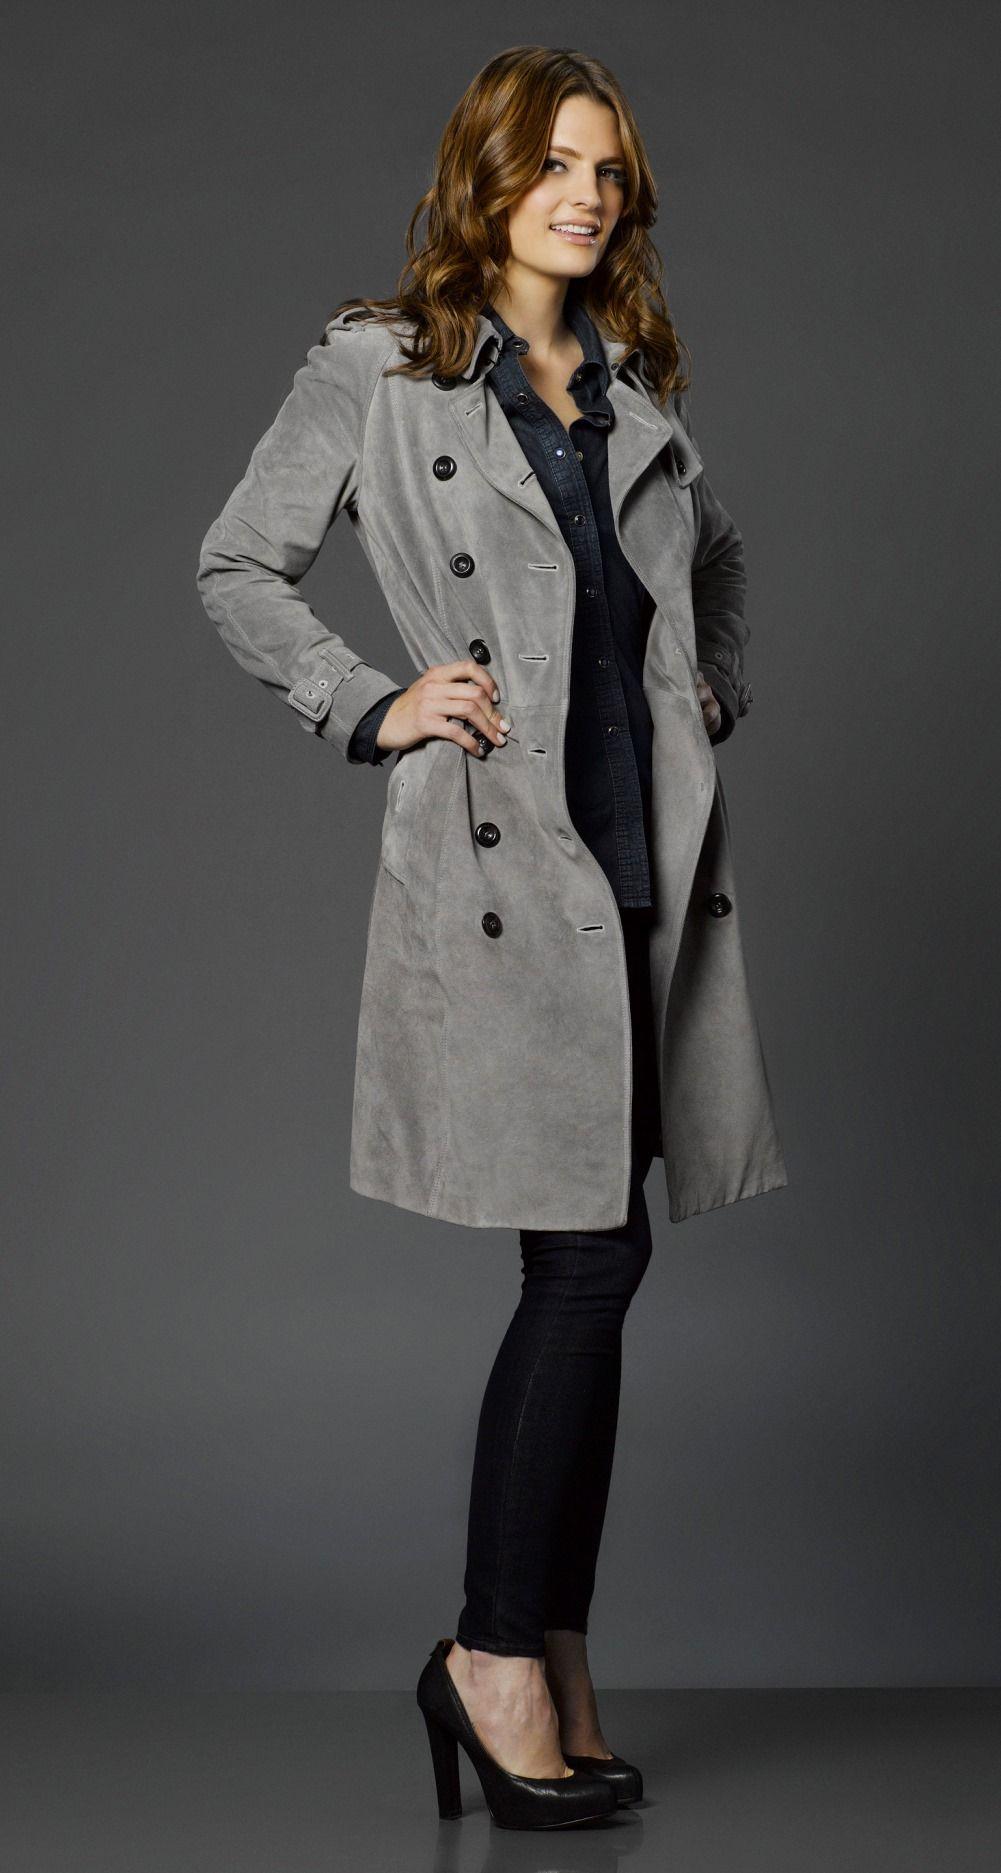 Castle Season 2 Episode 16 Watch Online Stana Katic As Kate Beckett In 2019 Castle Season Stana Katic